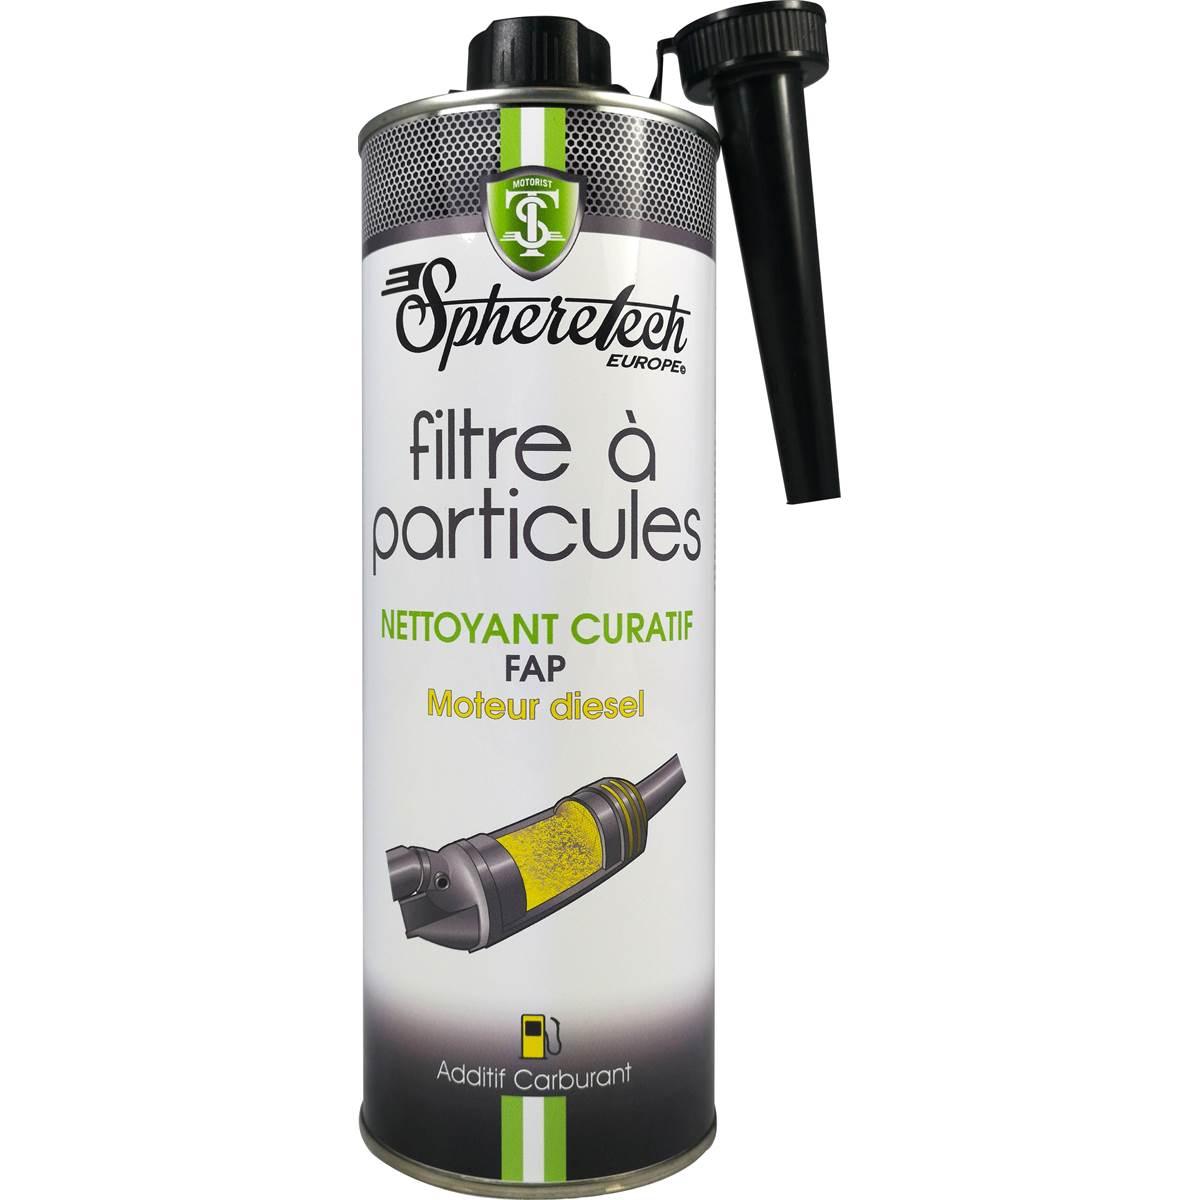 Nettoyant filtre à particules Spheretech 1 L